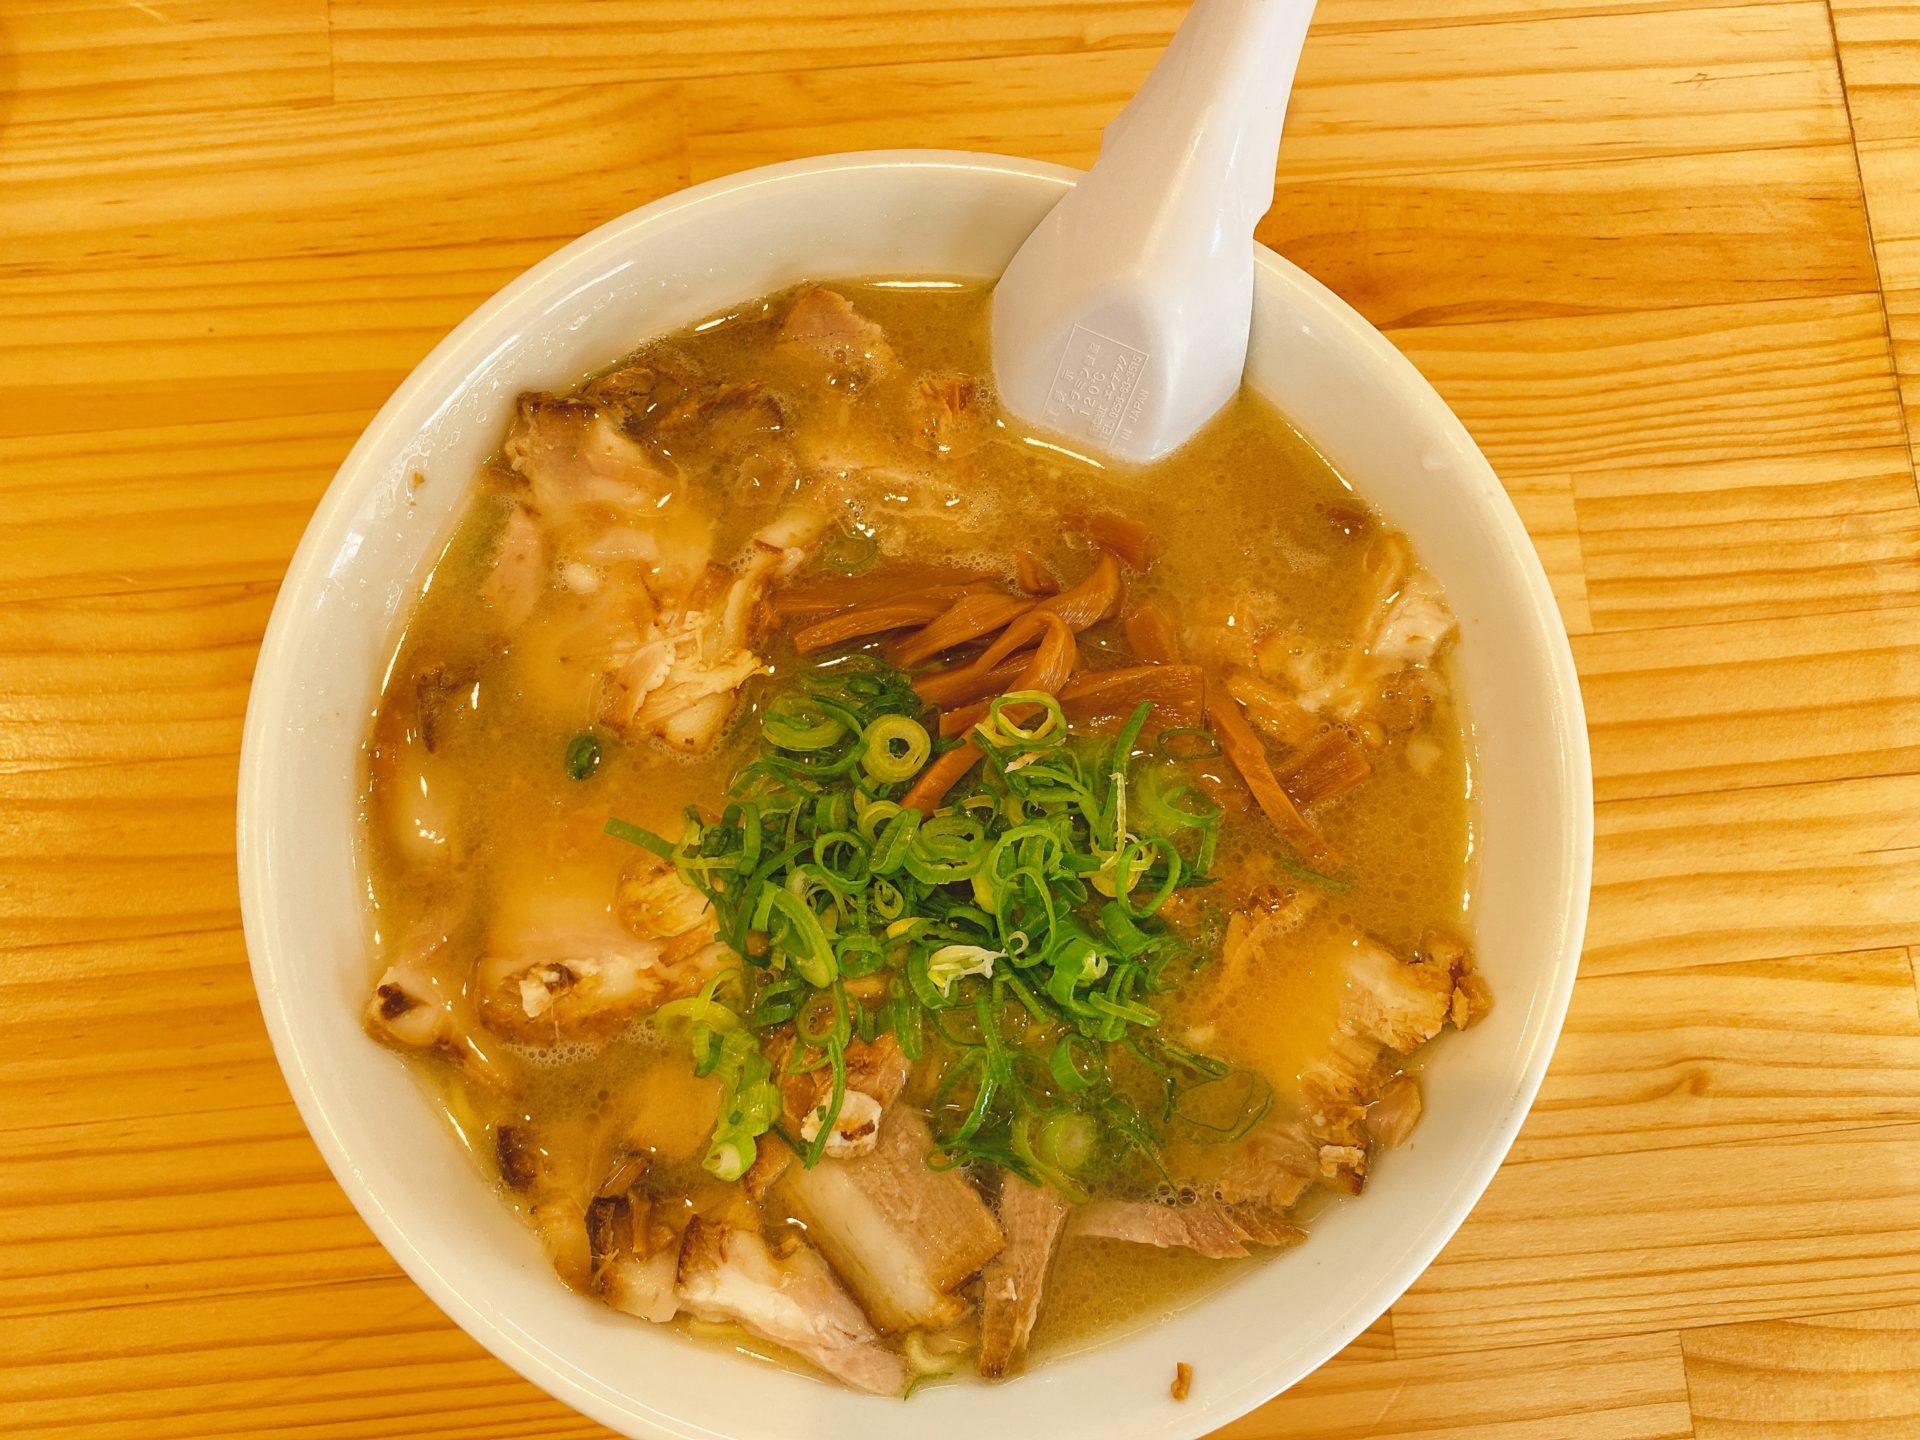 山陽ICから車で5分 らーめん道場は、豚骨醤油スープと麺と具のバランスが絶妙!味もコスパも良く、おススメはチャーシューめん